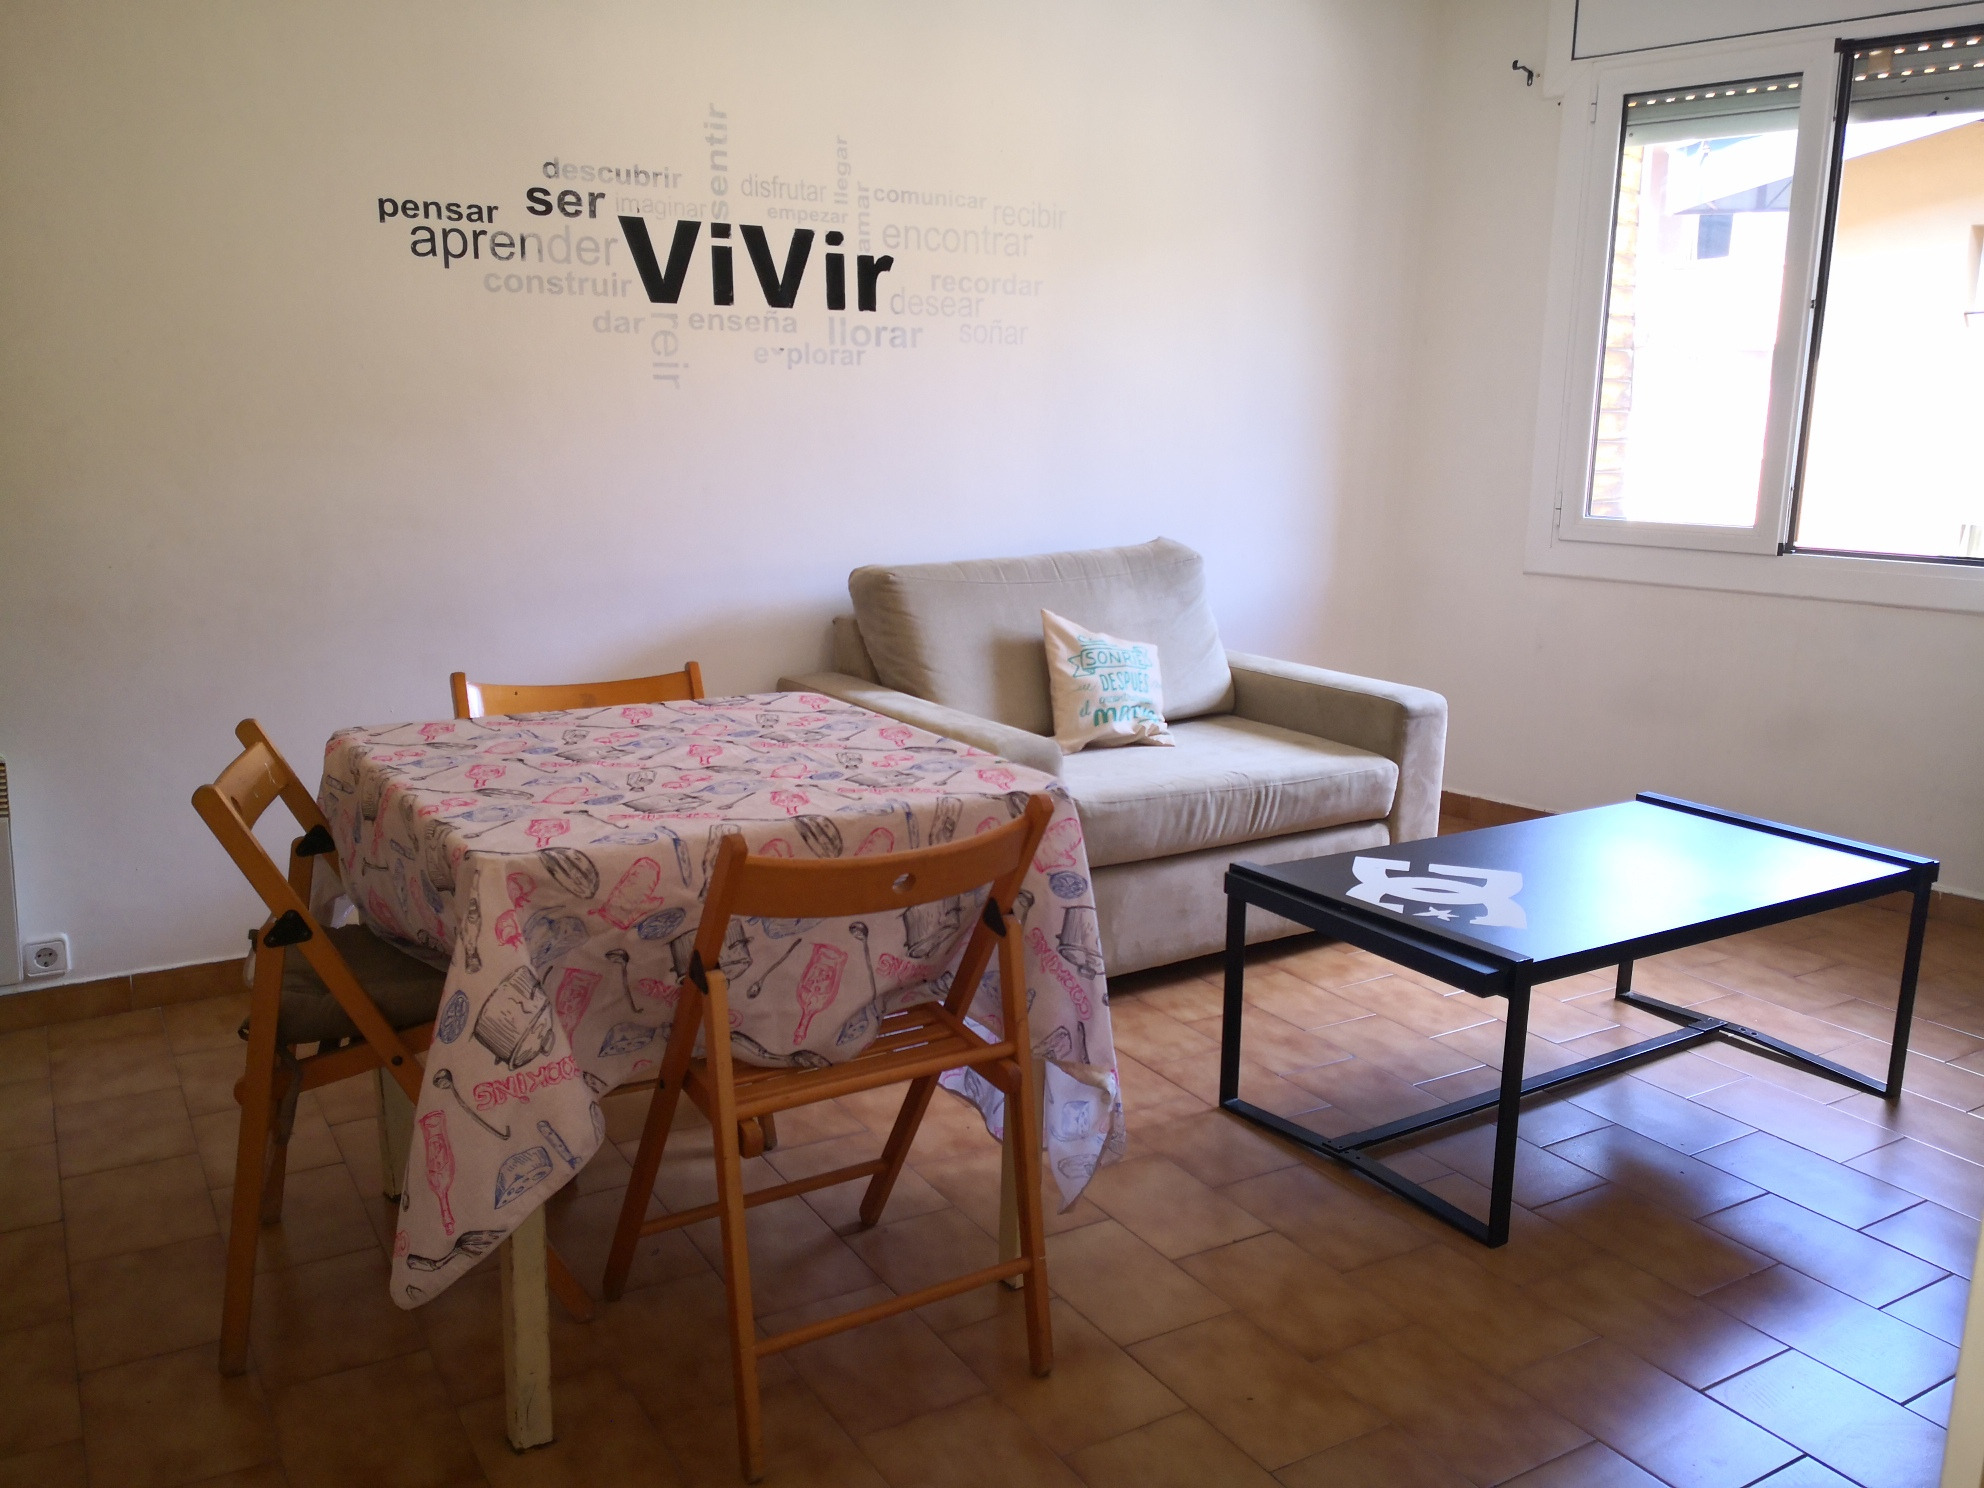 Pis en lloguer a Encamp - Immobiliària Cortals - Andorra - Rèf. 0294